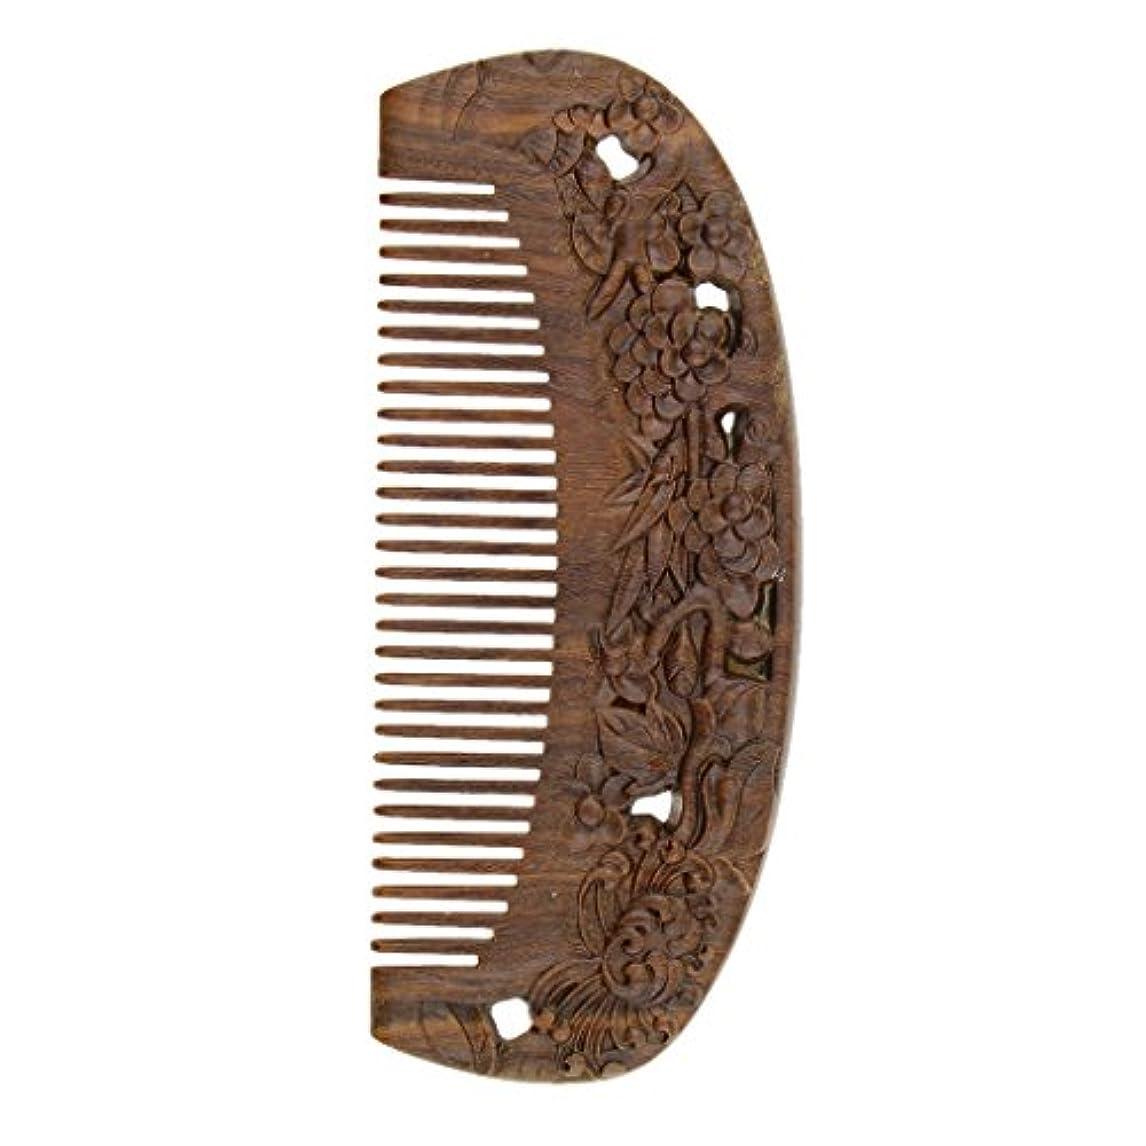 失提案悲しむDYNWAVE ヘアスタイリング 木製コーム ウッドコーム ワイド歯 頭皮マッサージ ヘアブラシ 全2種類 - #2